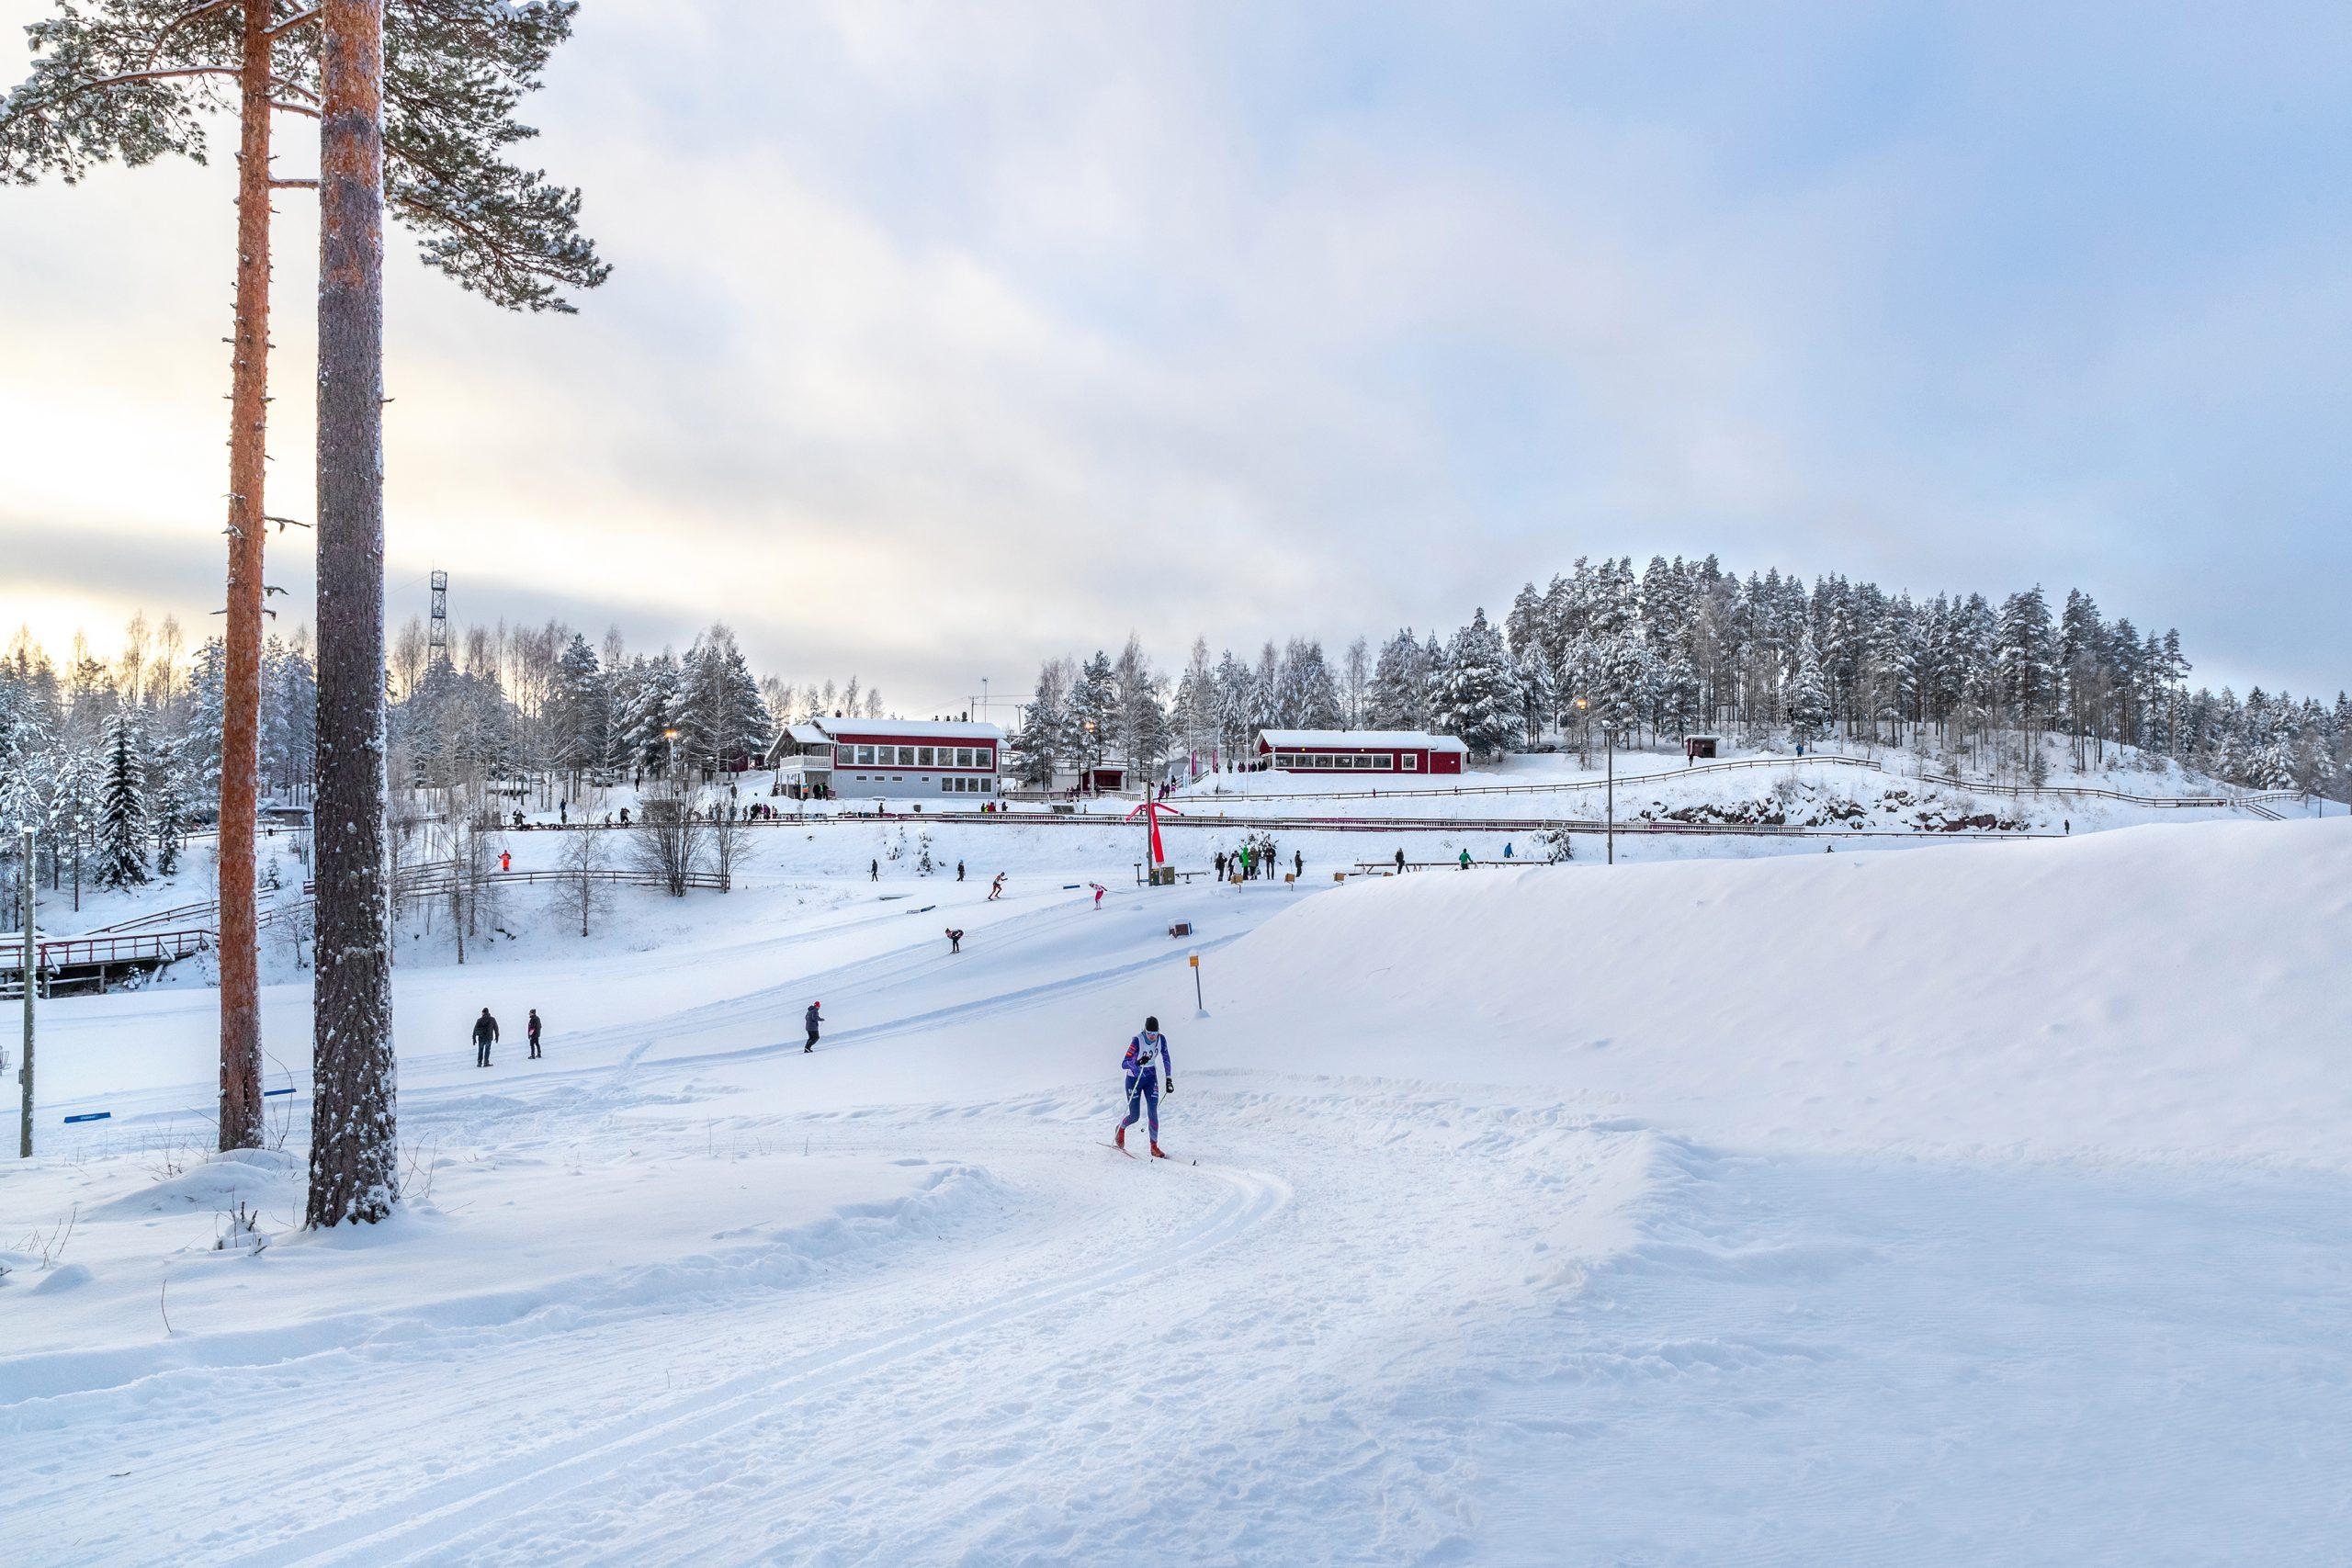 Liikuntapuiston alueen talvikuva